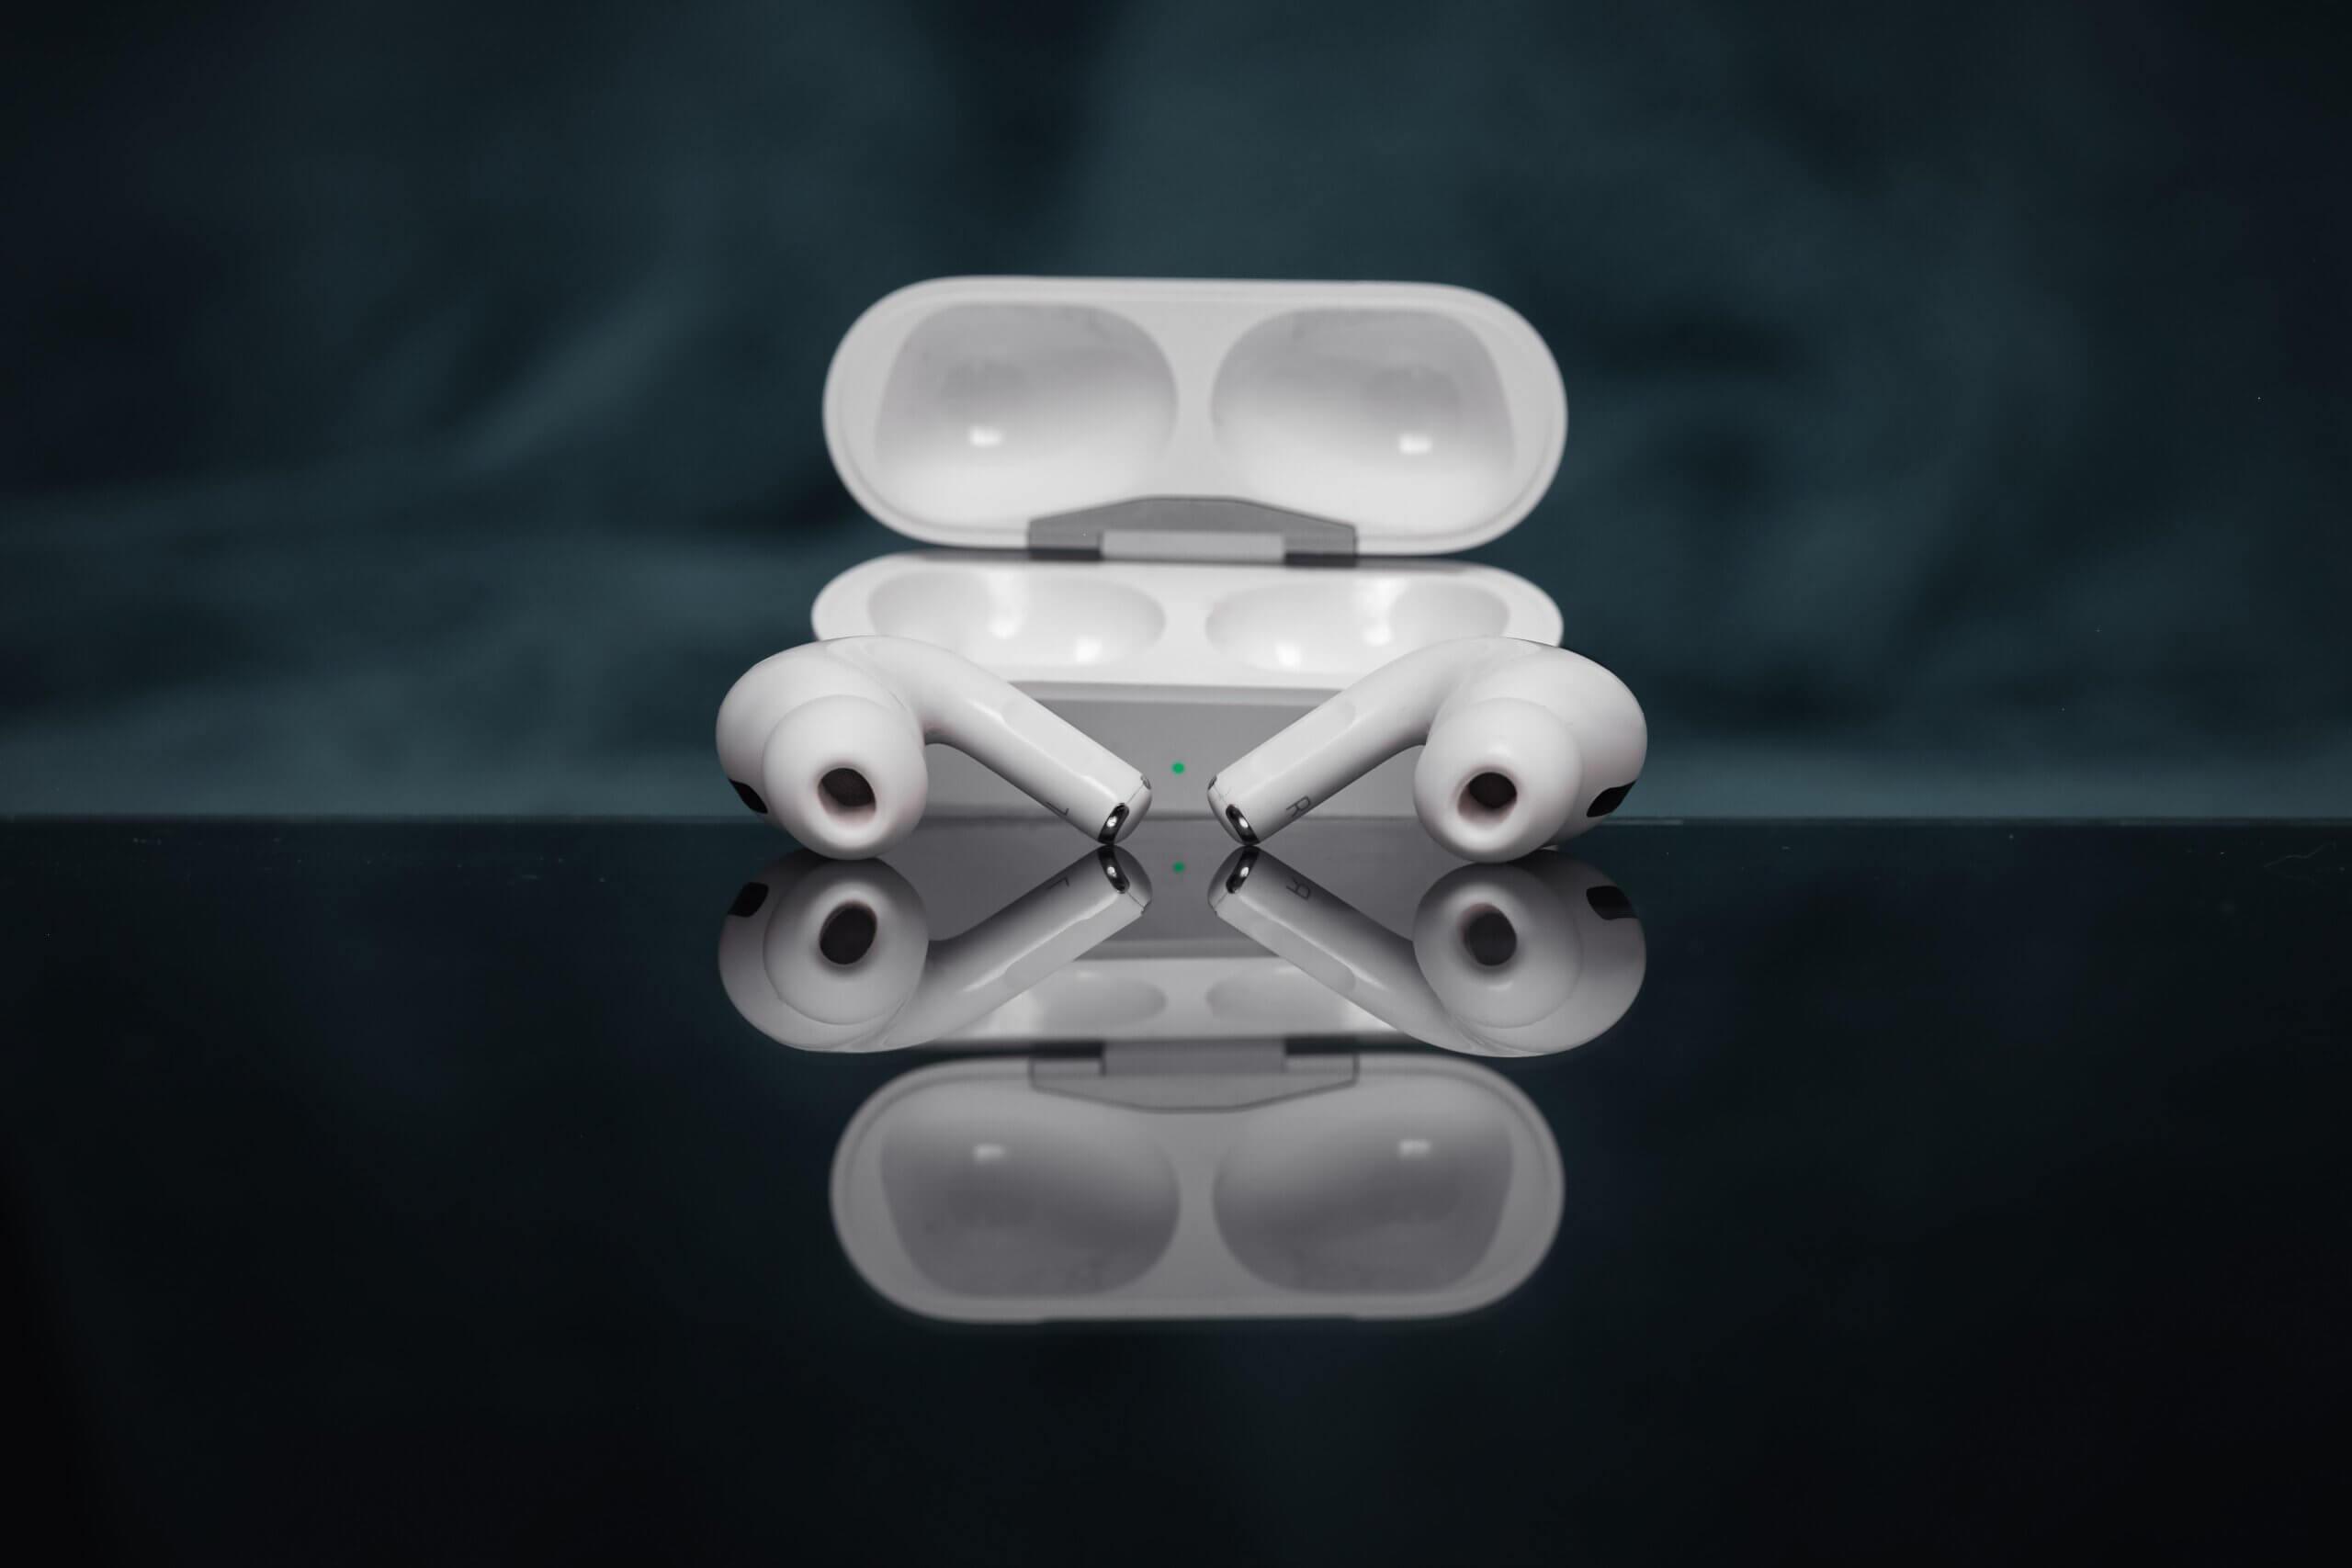 Air Pods Proはロスレス音源に非対応